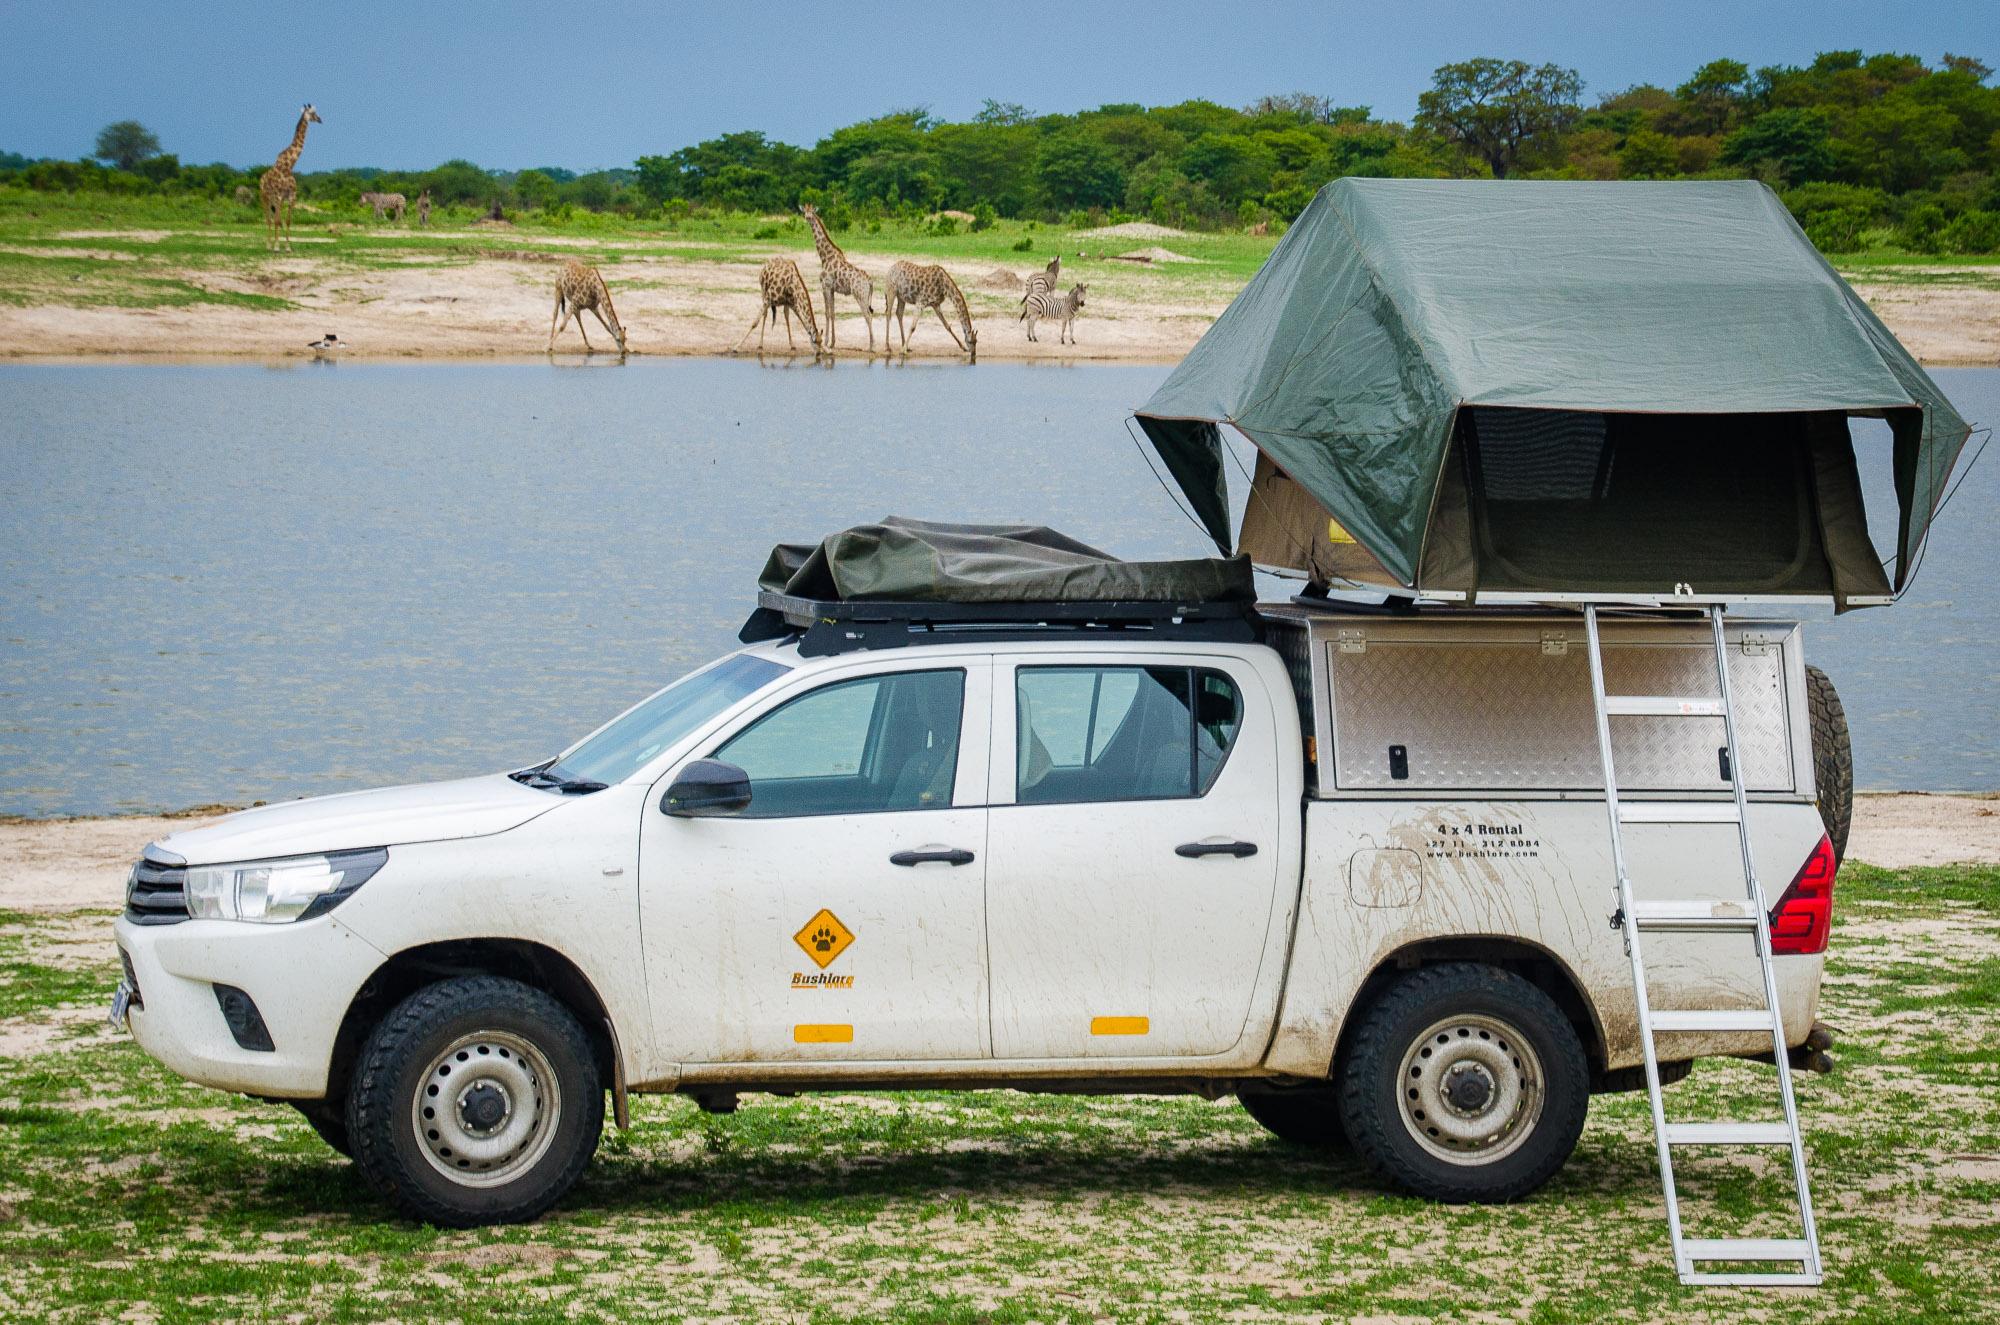 camping girafe - parc national de hwange - Zimbabwe, les chutes Victoria et plus encore! - afrique, zimbabwe